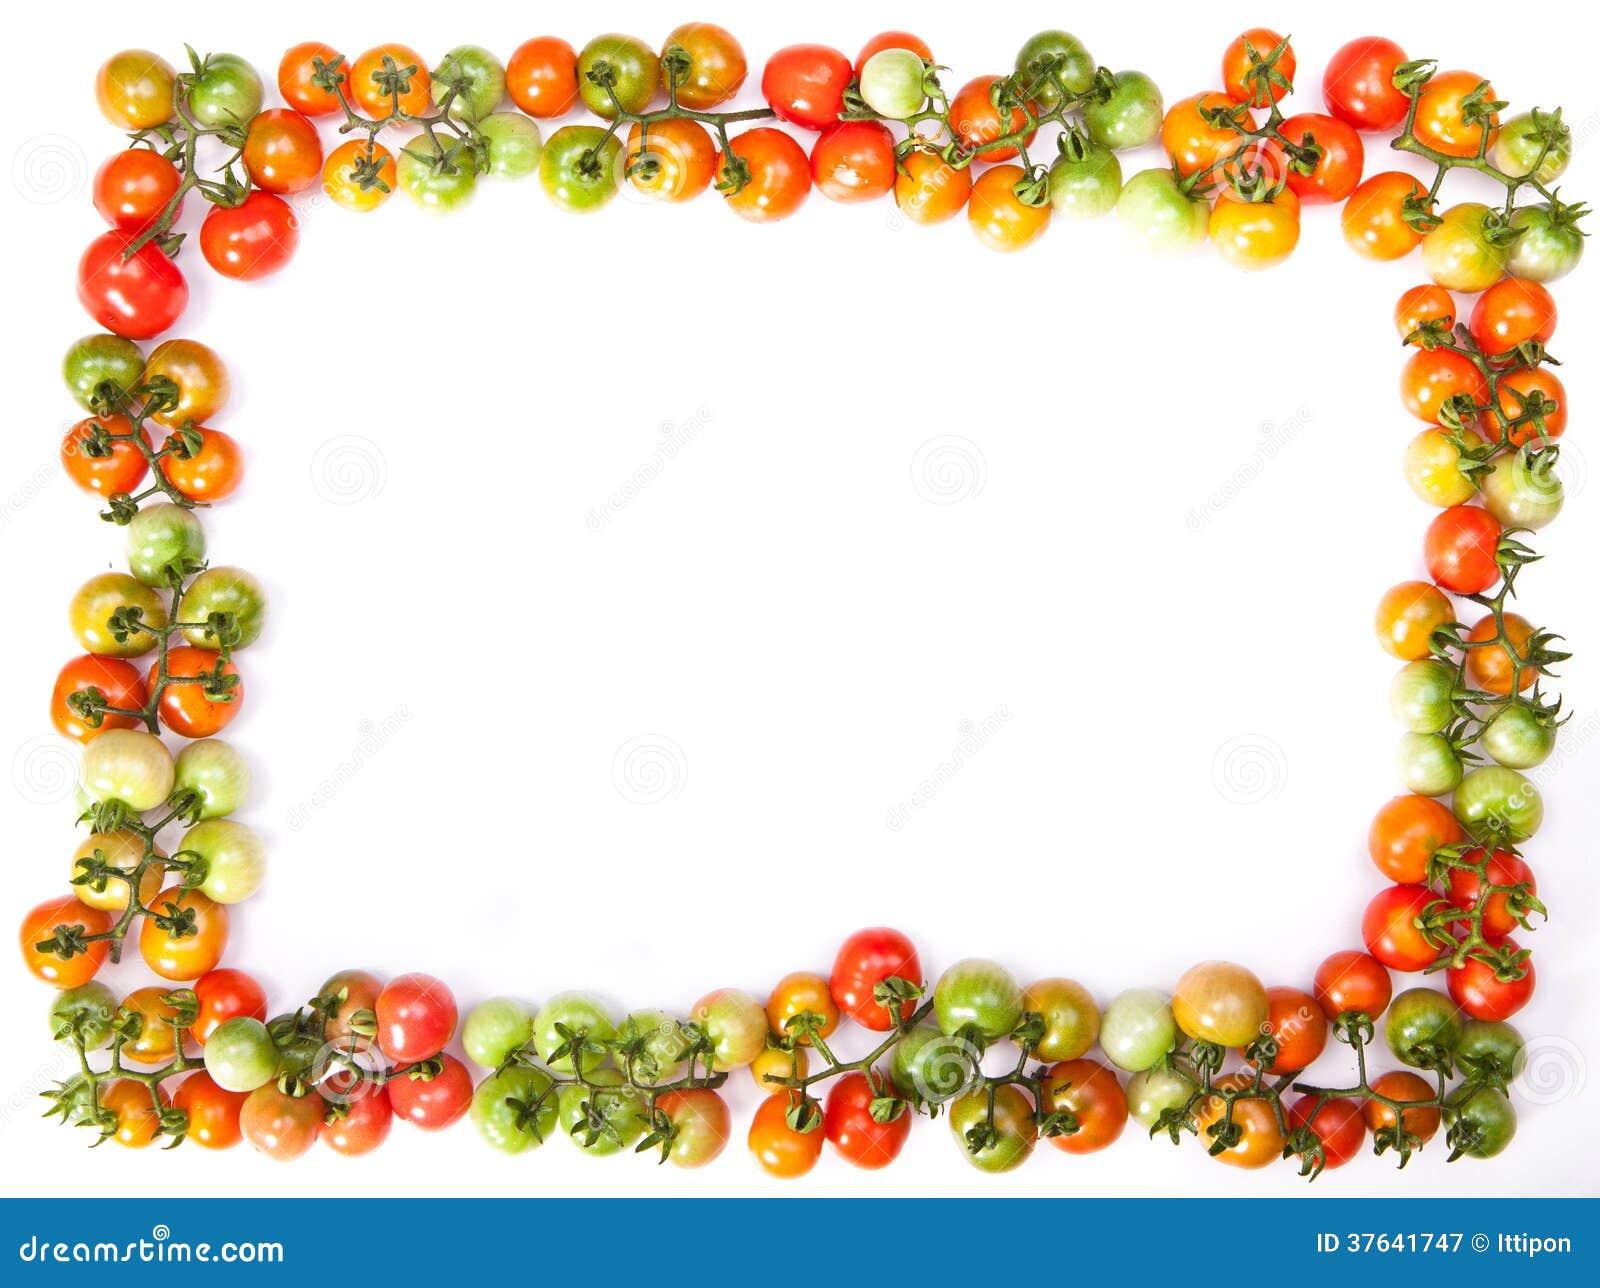 cadre de tomates photographie stock libre de droits image 37641747. Black Bedroom Furniture Sets. Home Design Ideas